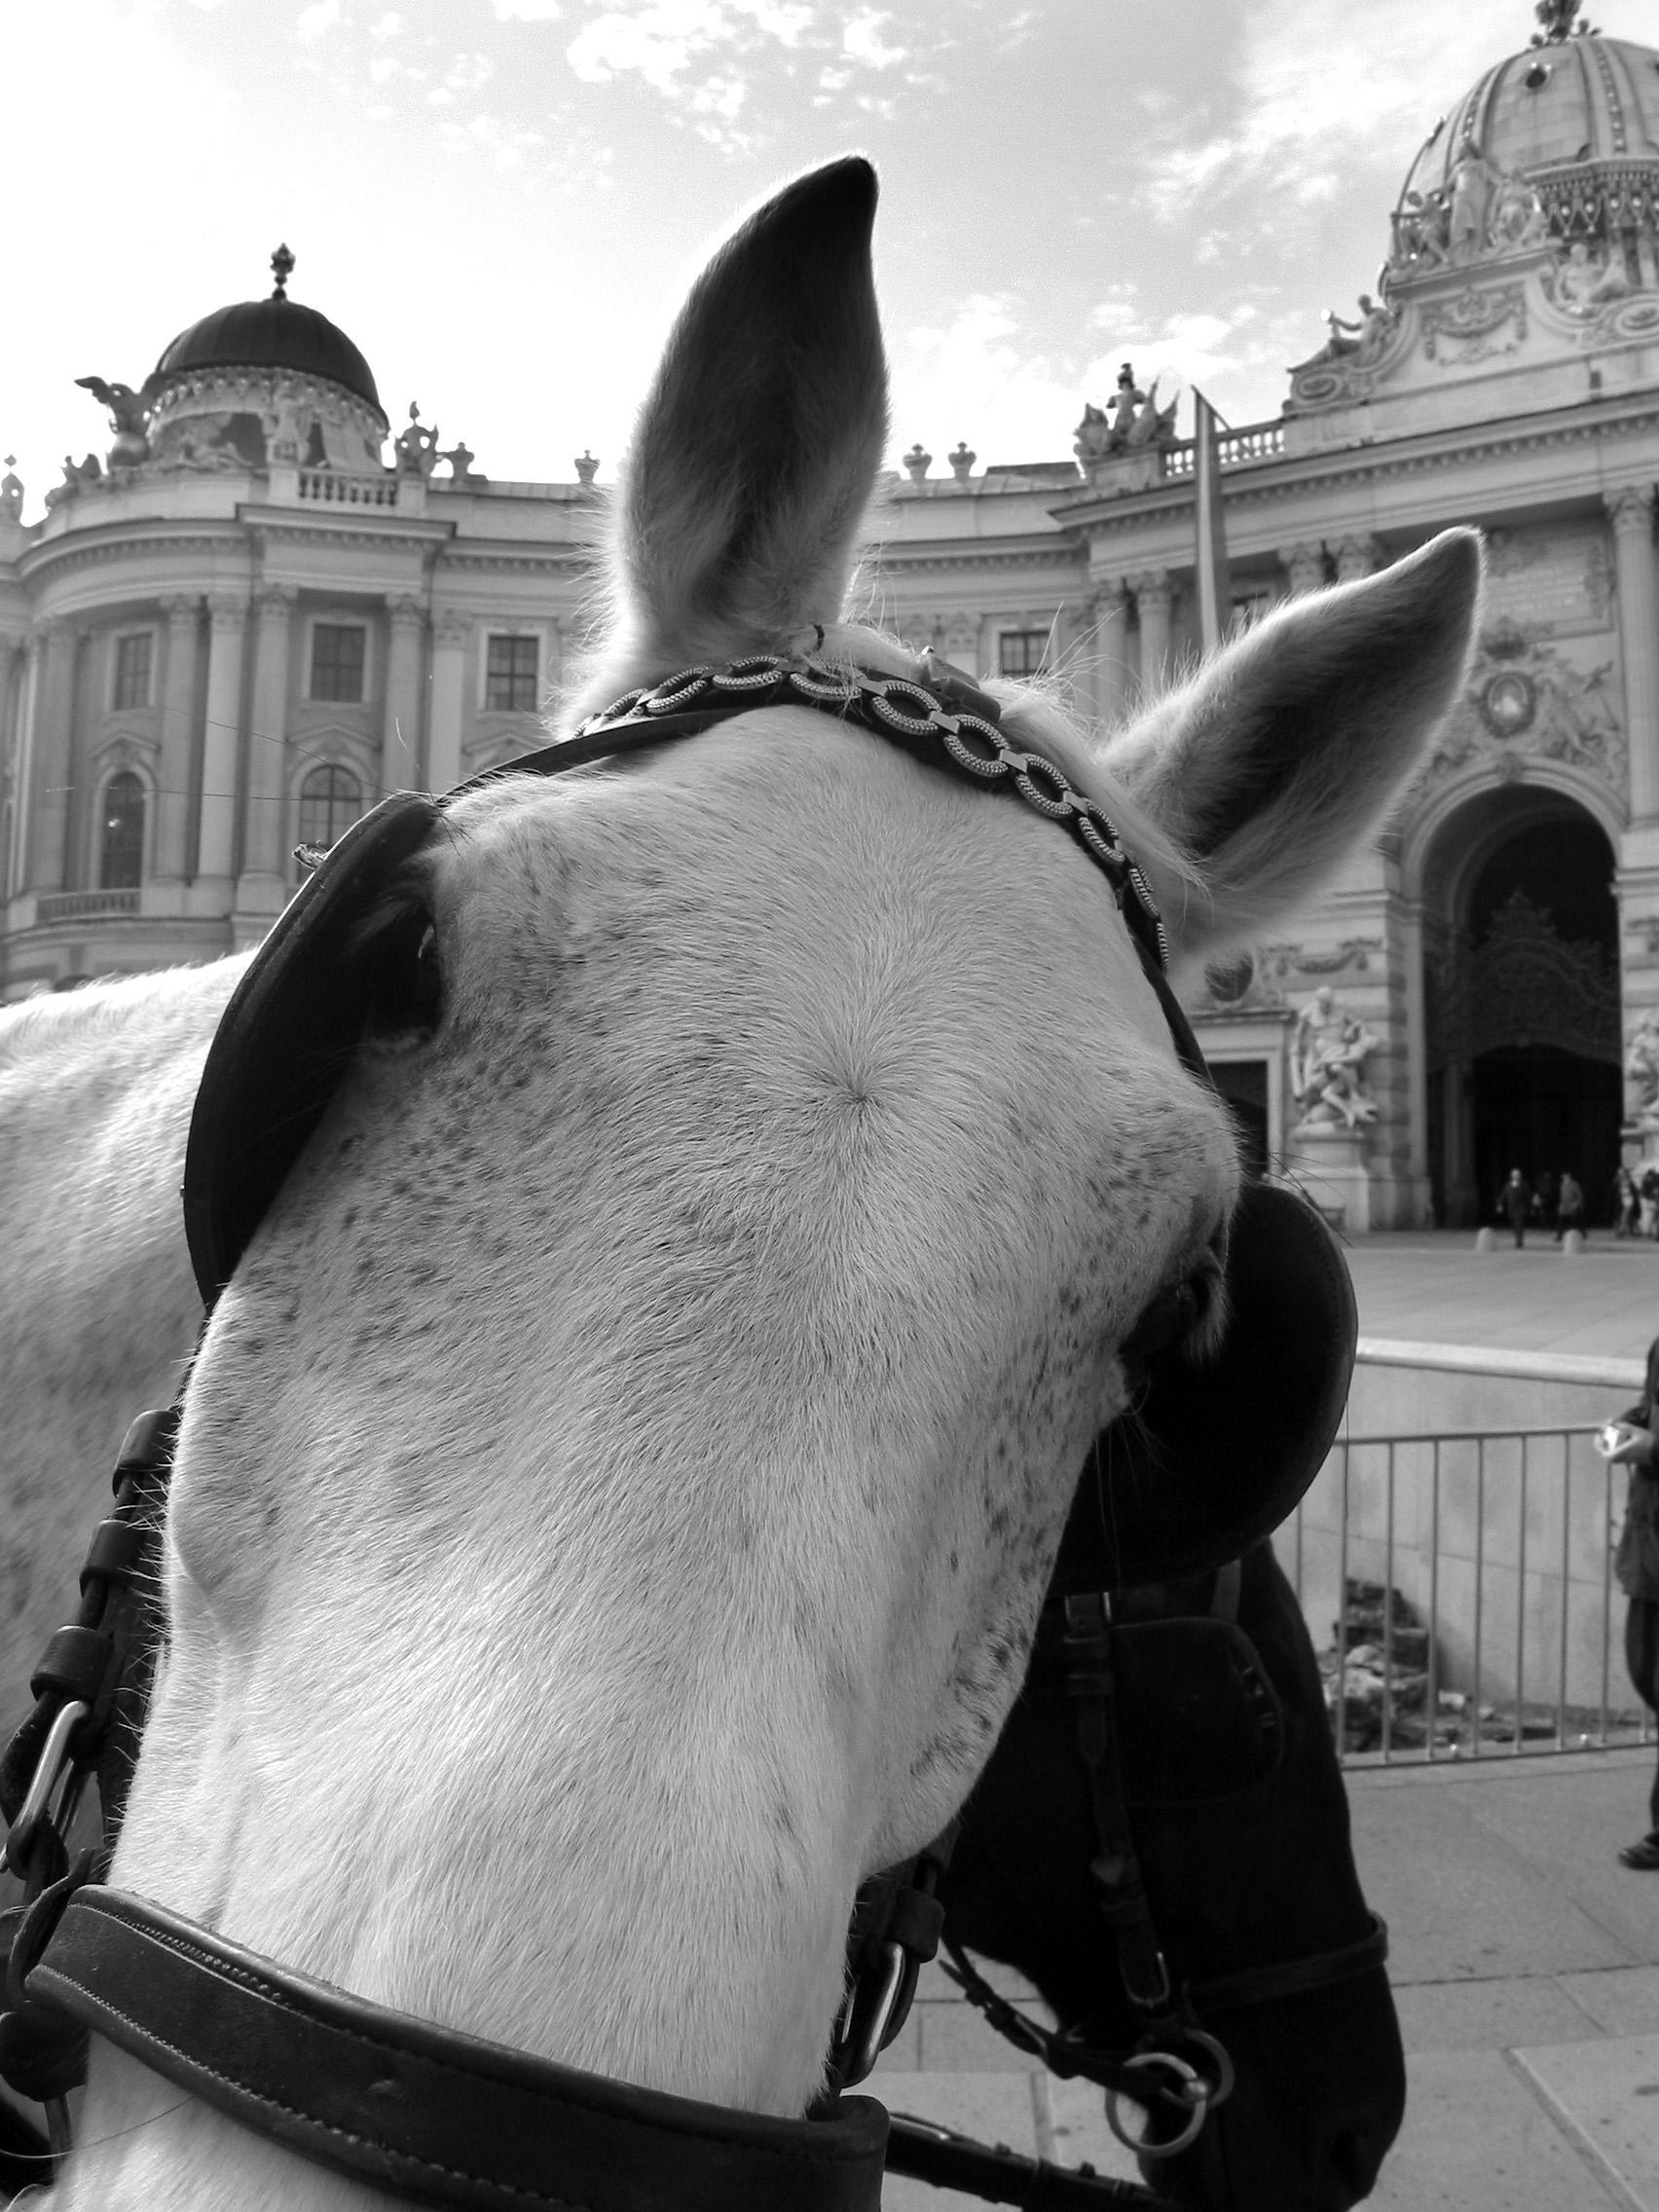 Horse, Vienna